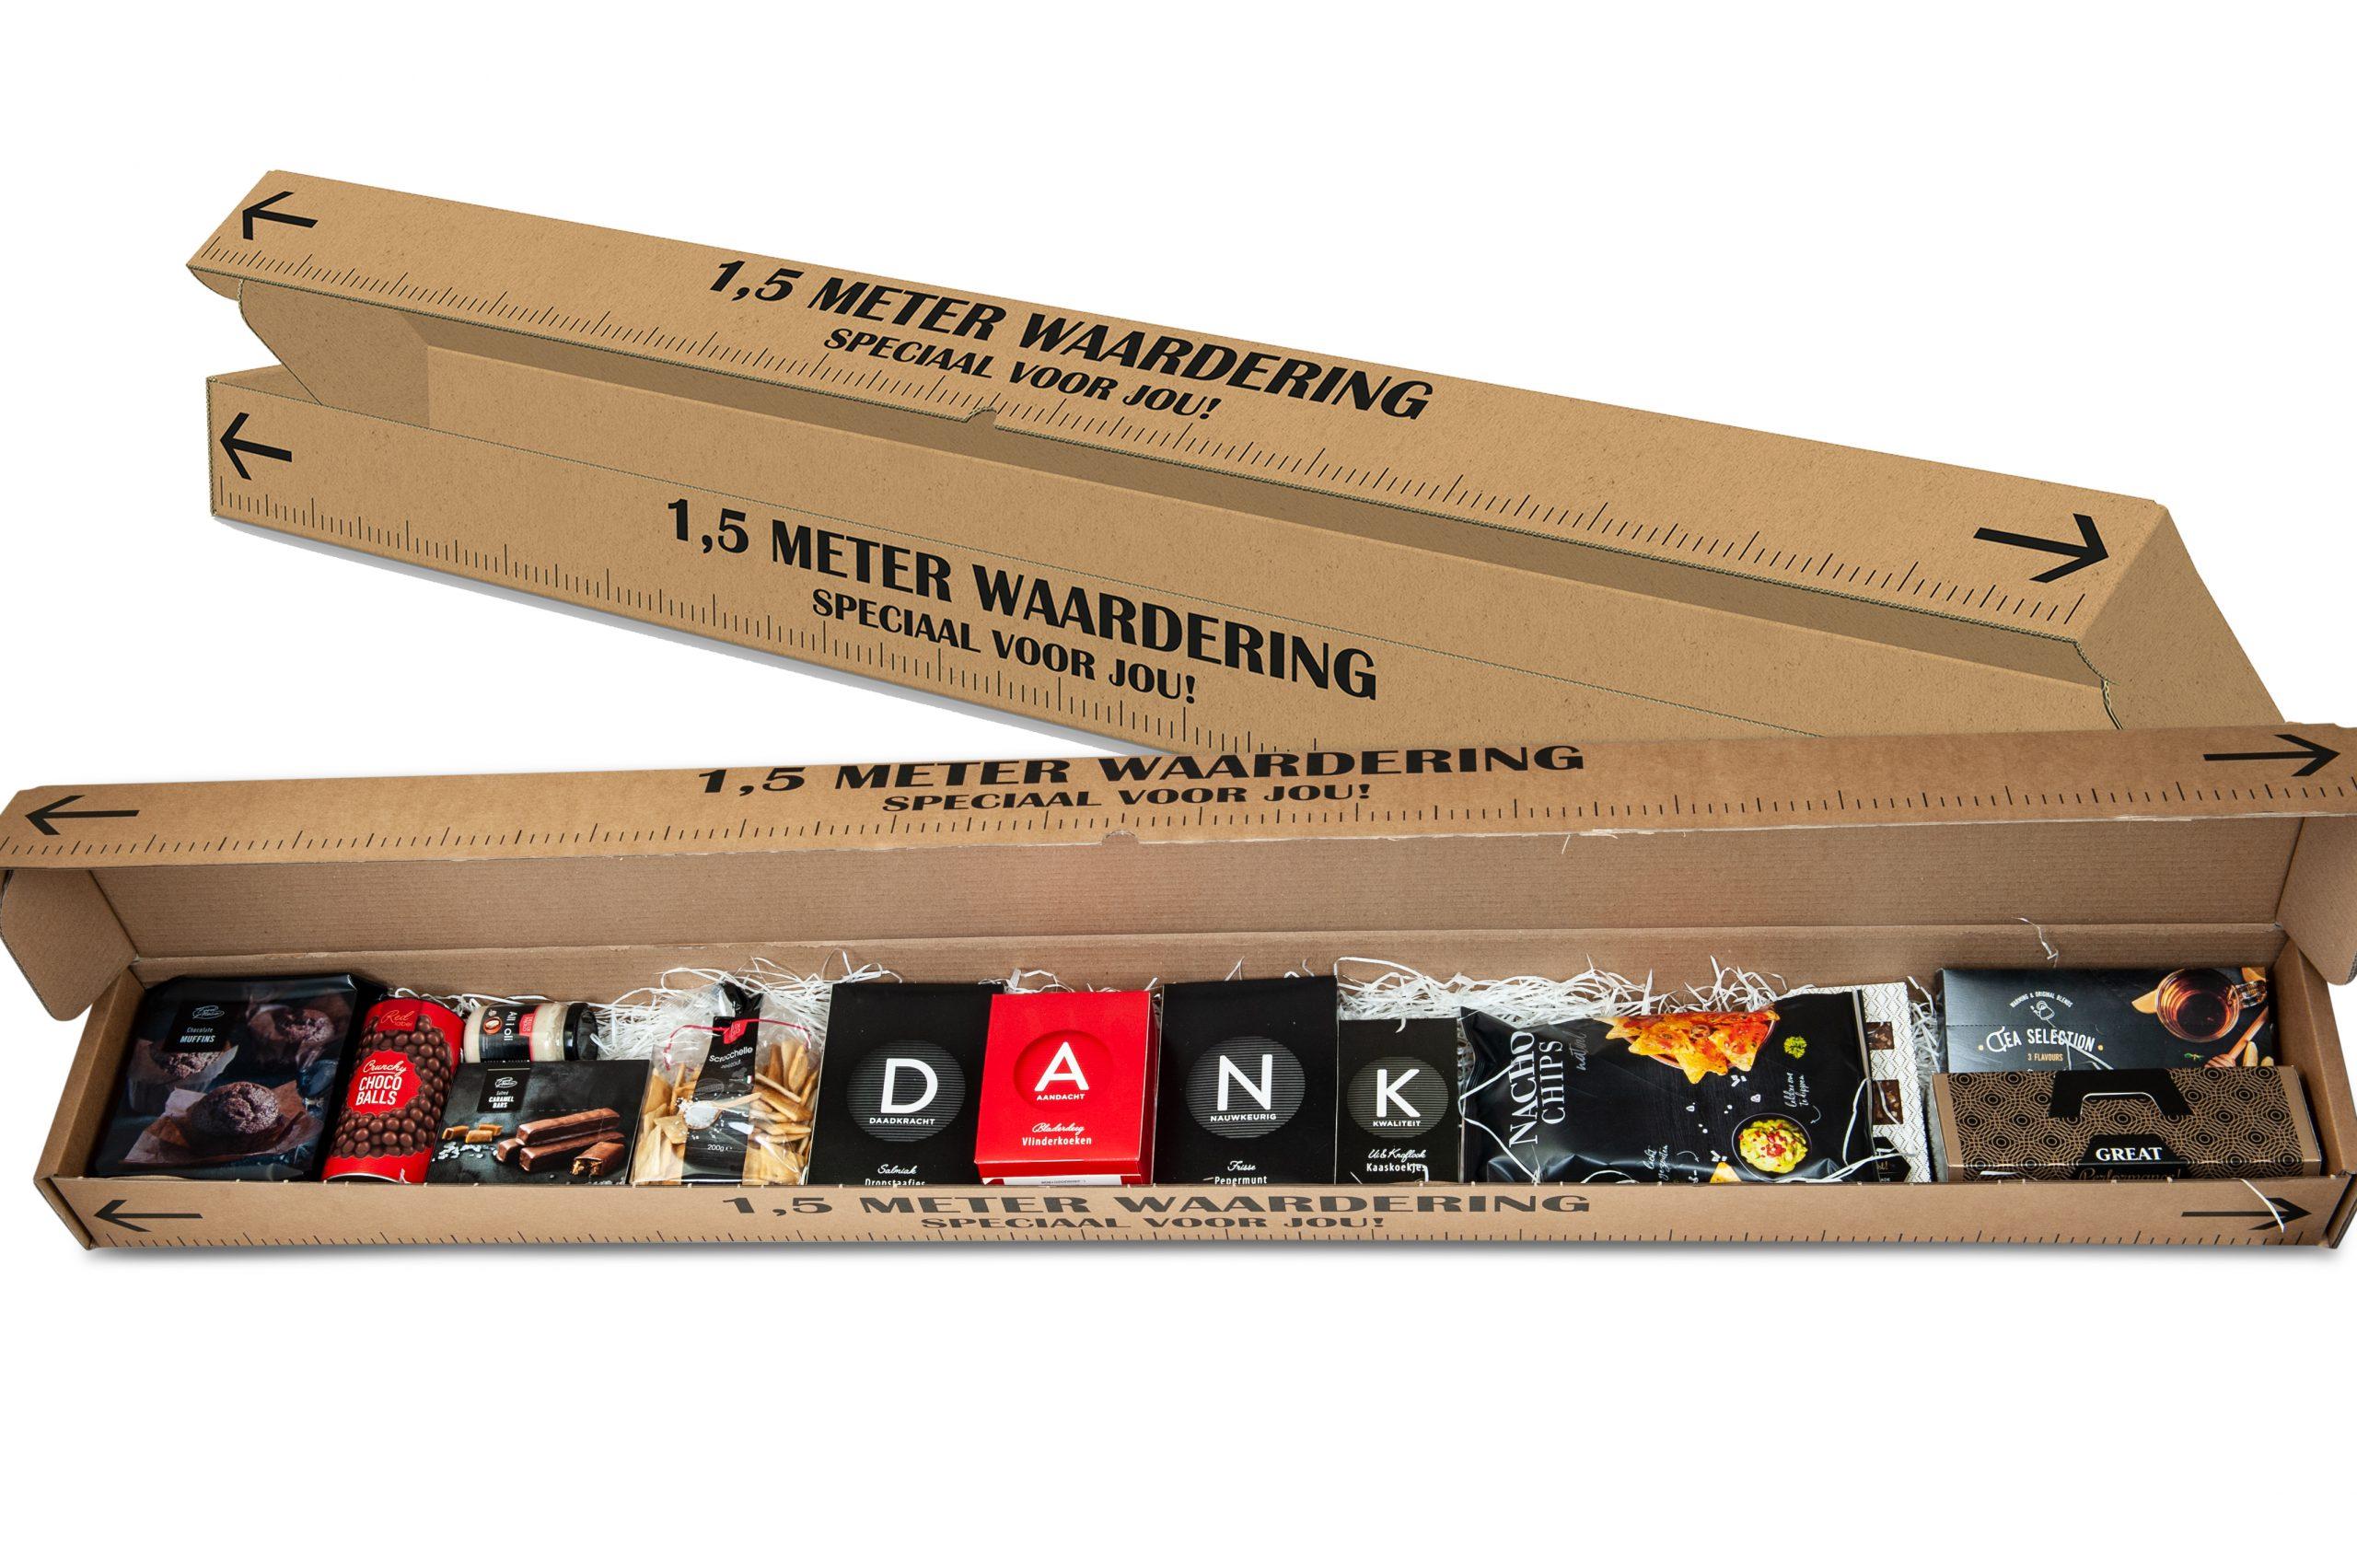 Bedankpakket 1,5 meter Waardering – DANK -2021